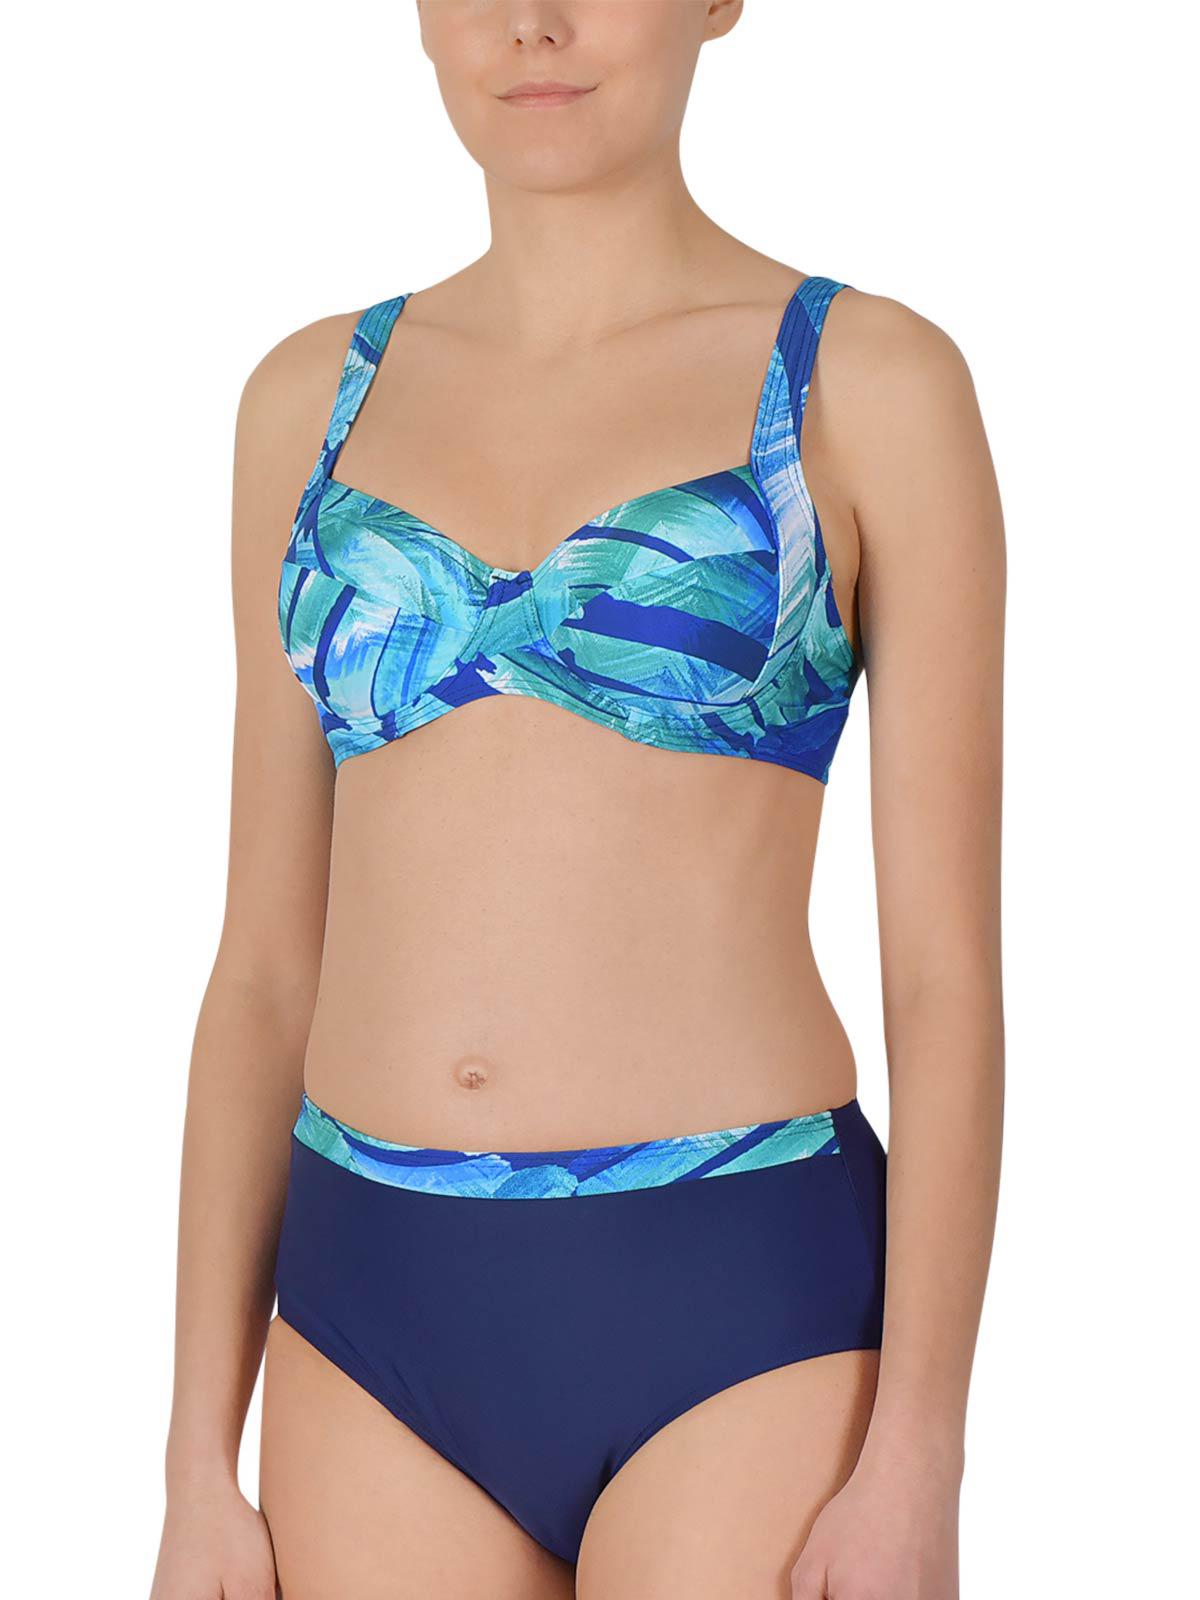 NATURANA Bügel-Bikini 72503 Gr. 38-50 B-G